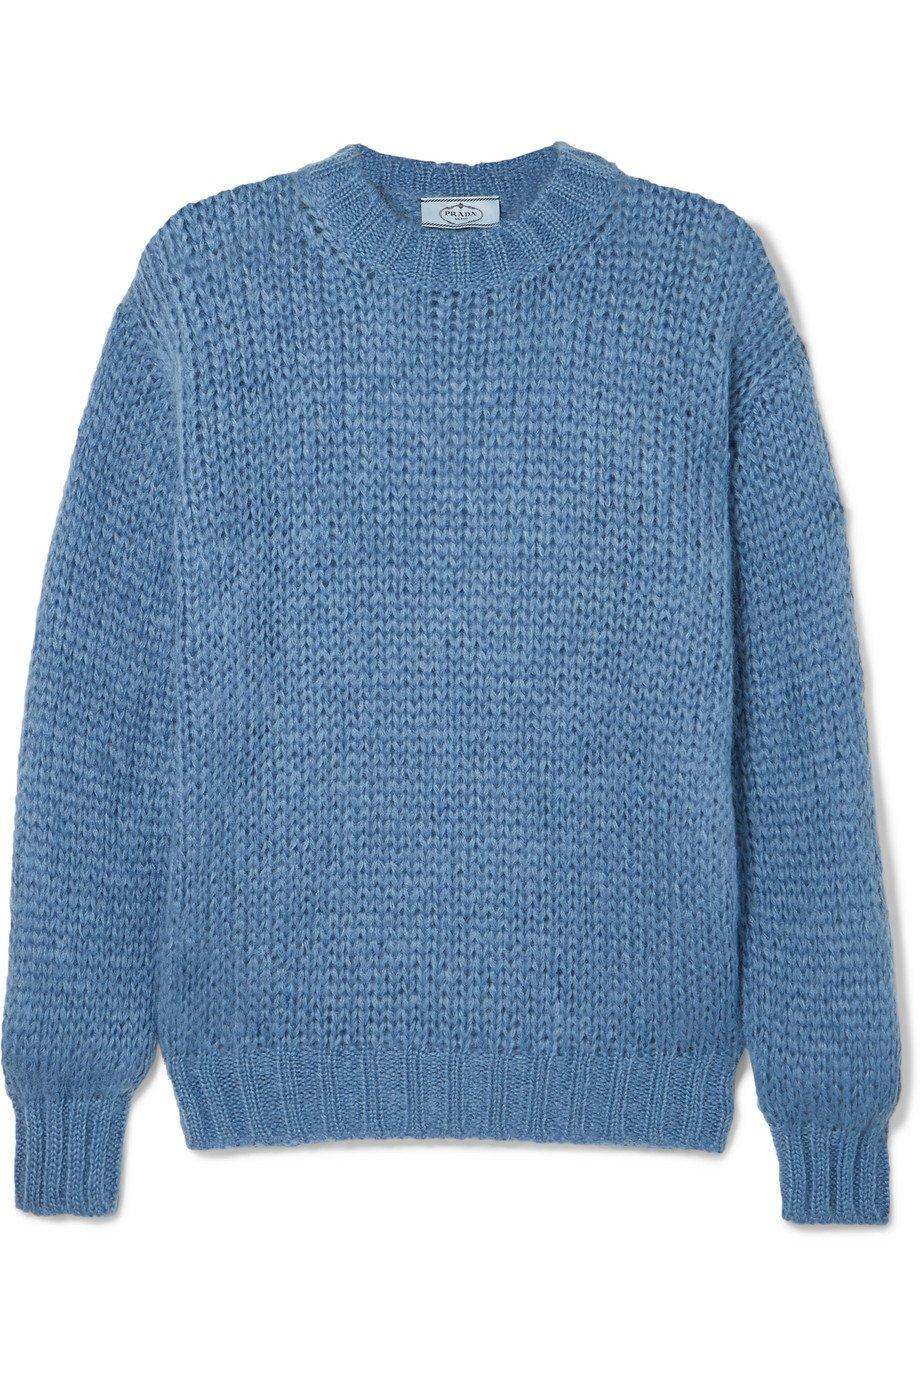 Prada | Mohair-blend sweater | NET-A-PORTER.COM